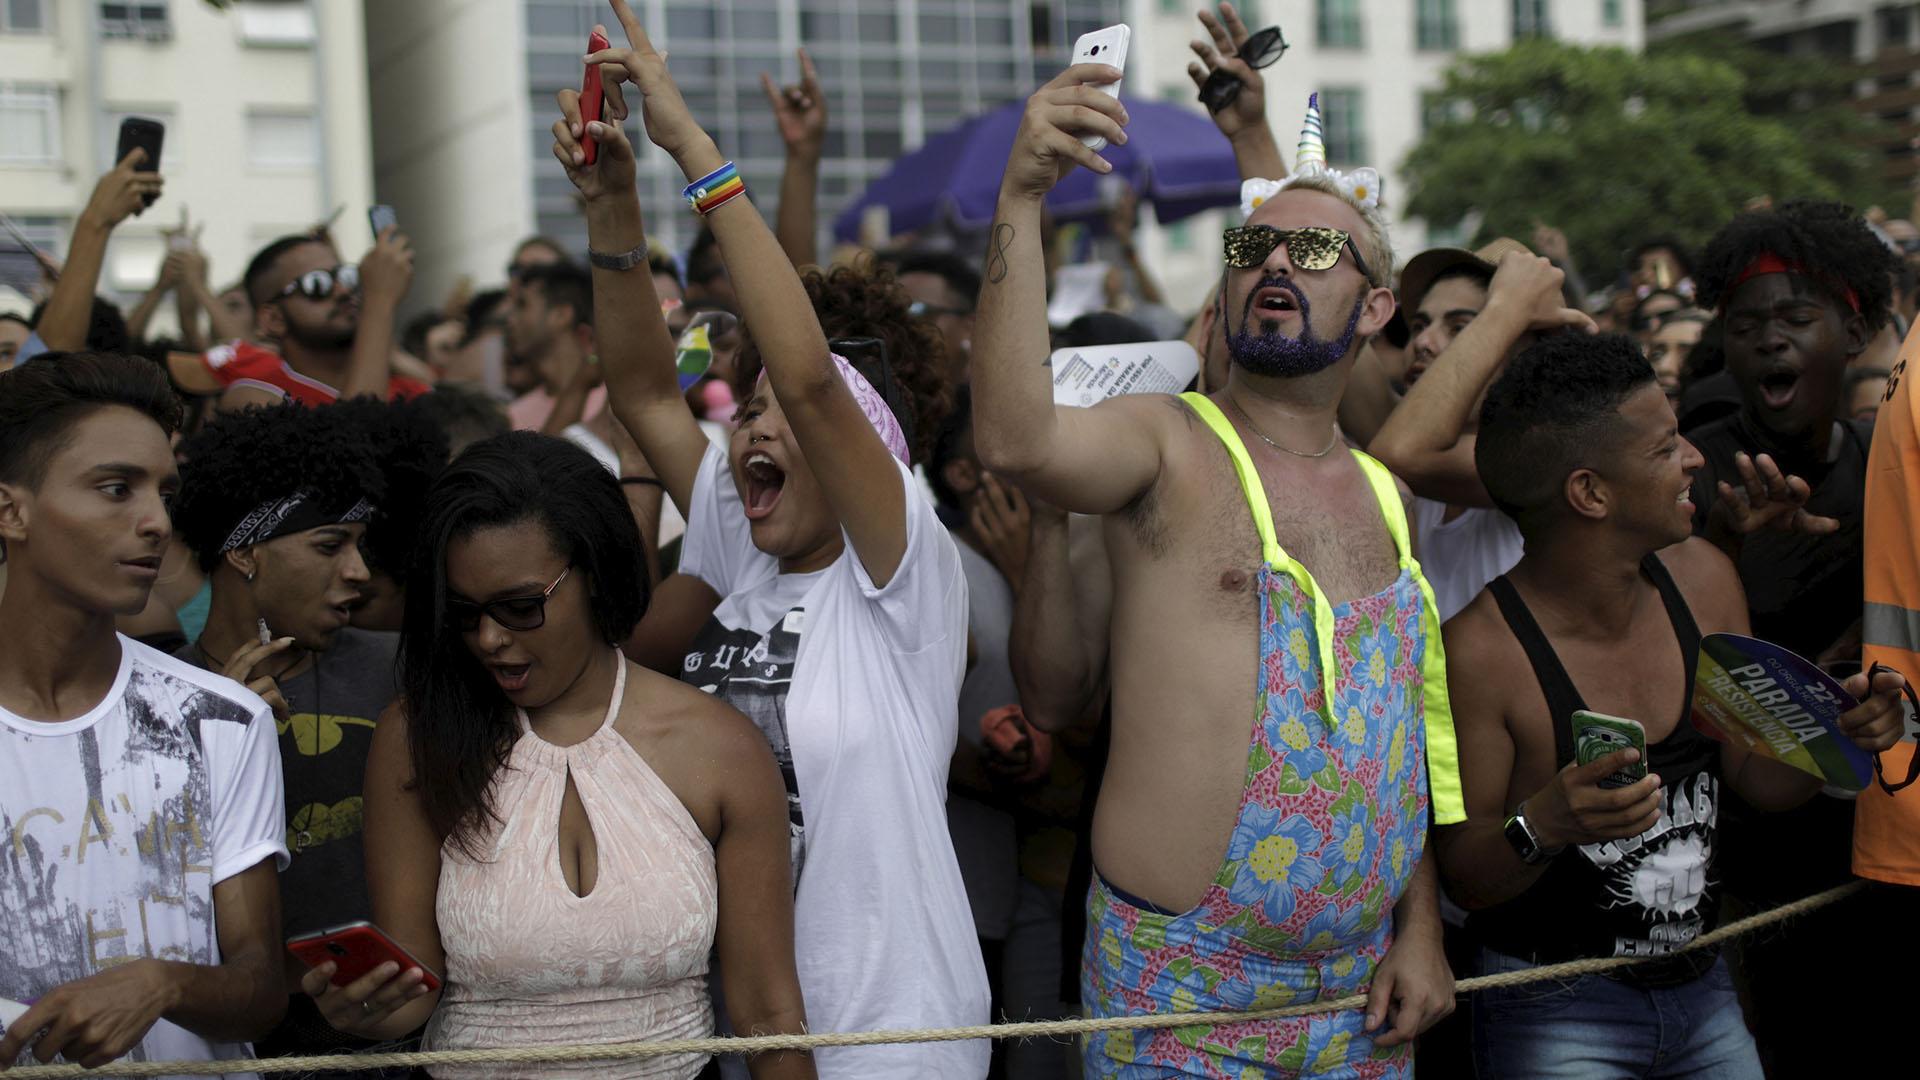 Los artistas que animaron el desfile renunciaron a su cachet, como la cantante Daniela Mercury, una de las primeras en haber asumido su homosexualidad, o la transformista Pablo Vittar, verdadero fenómeno de la escena pop brasileña actual